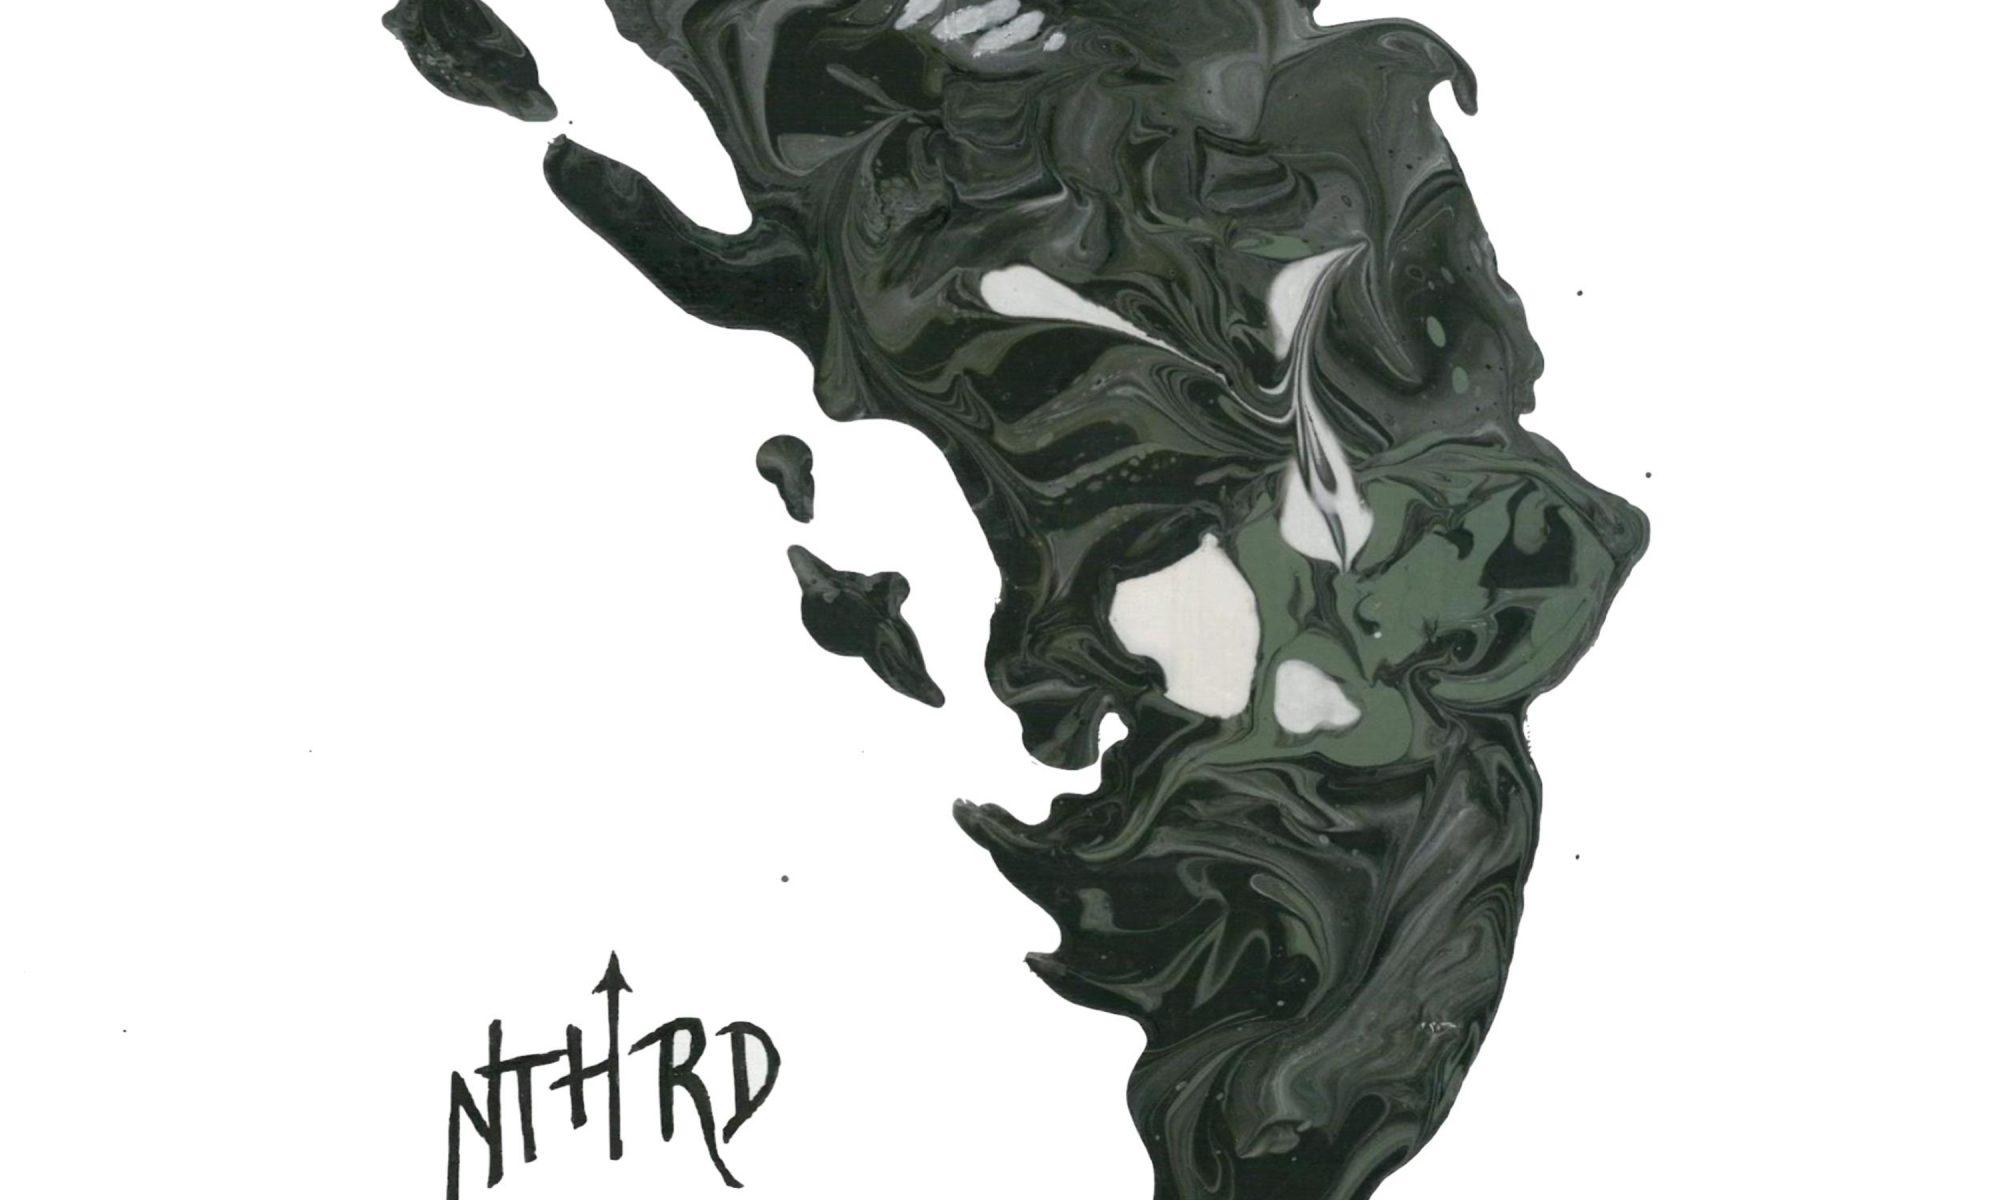 NTHRDEP